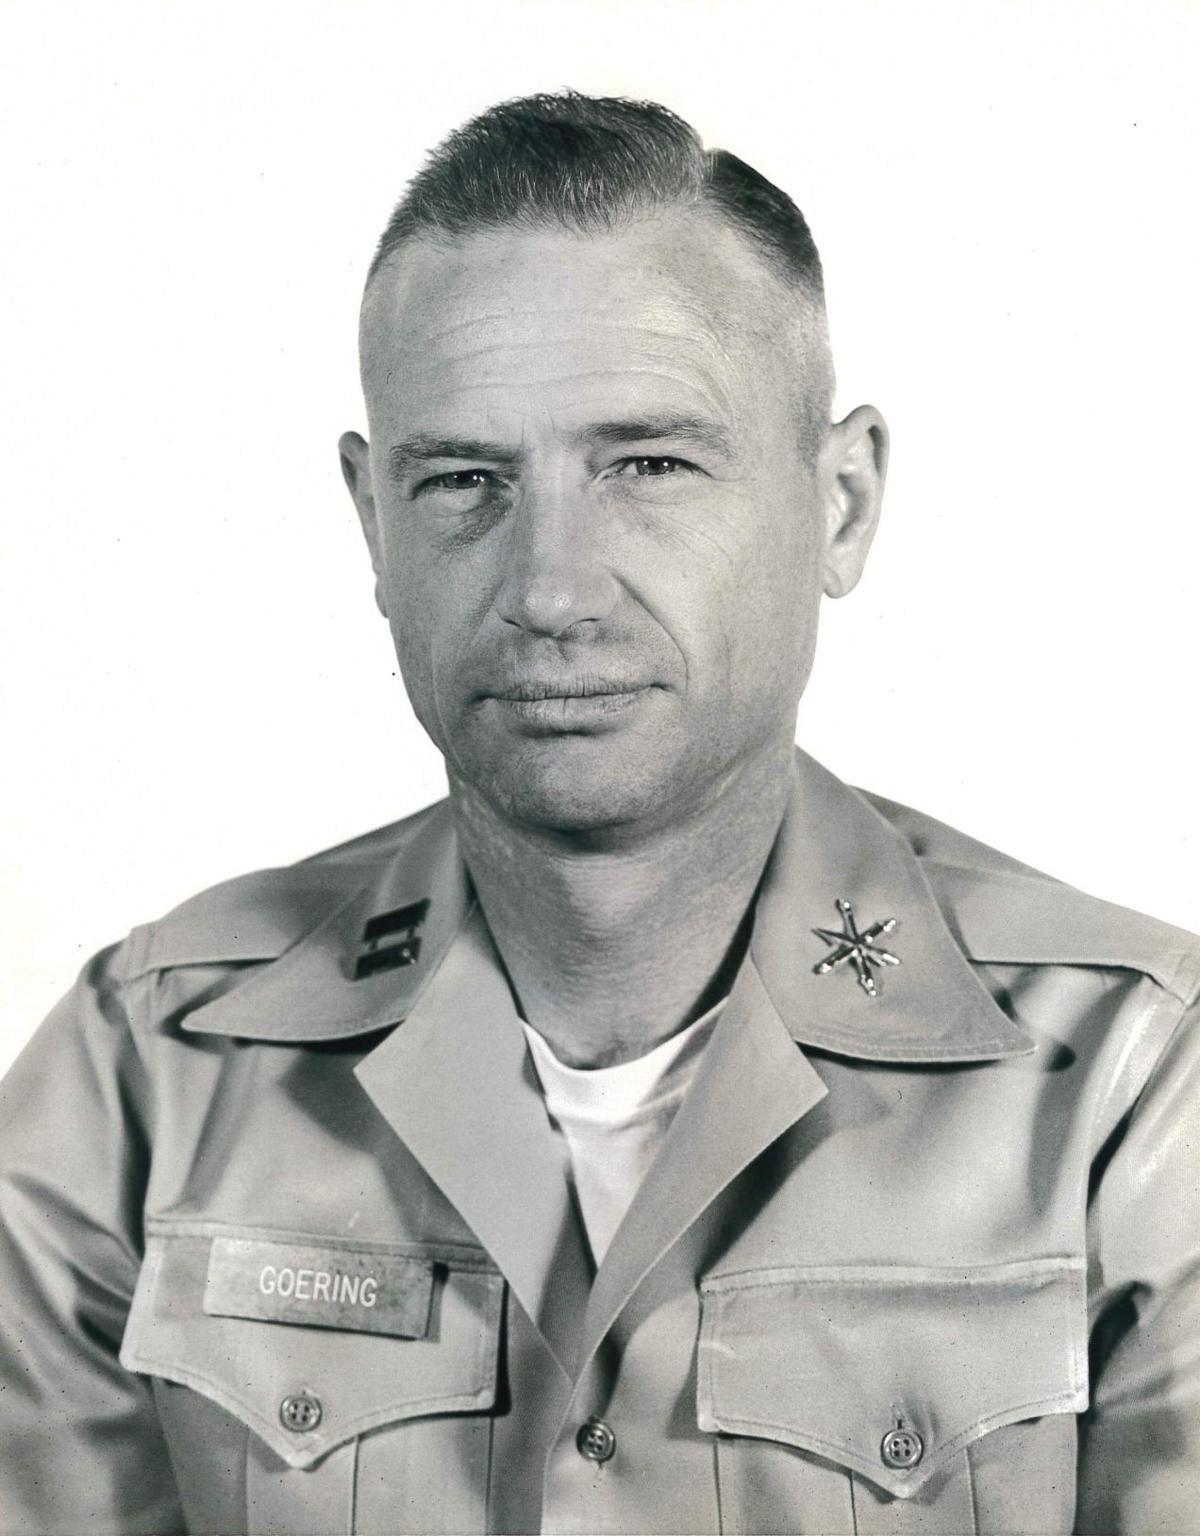 John D. Goering